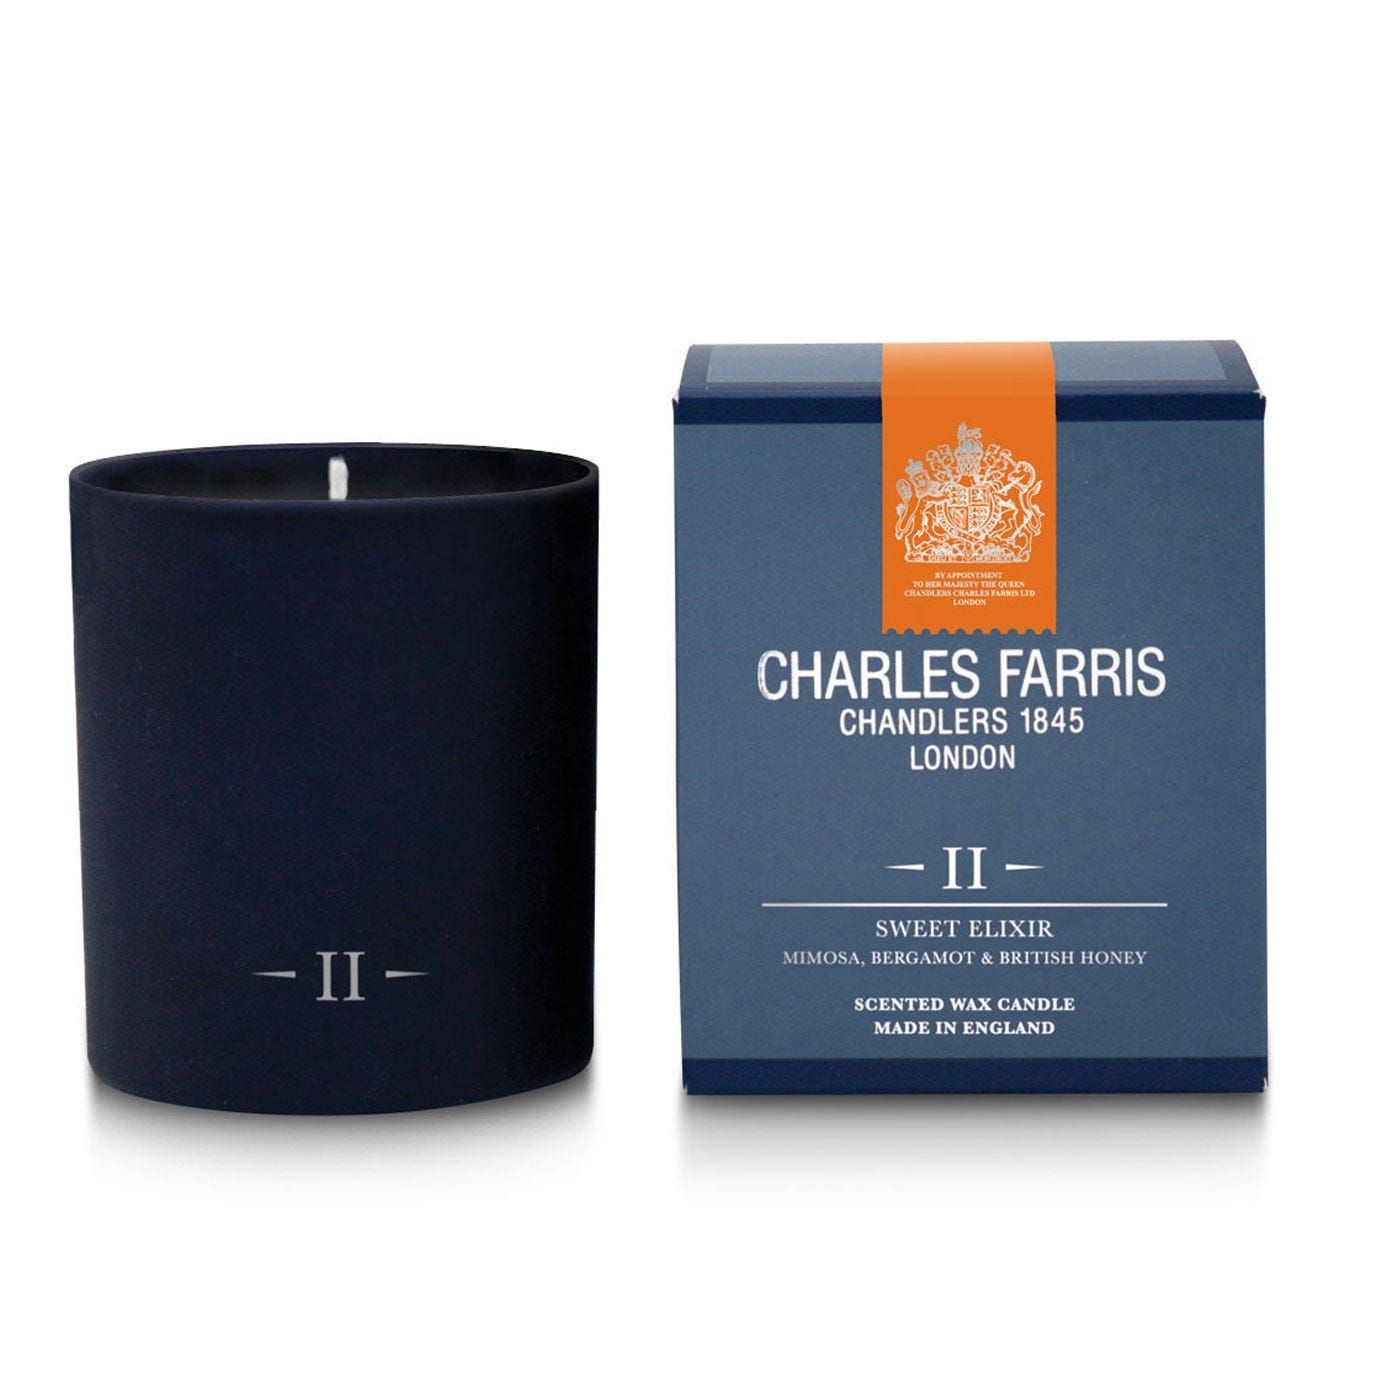 Sweet Elixir Candle